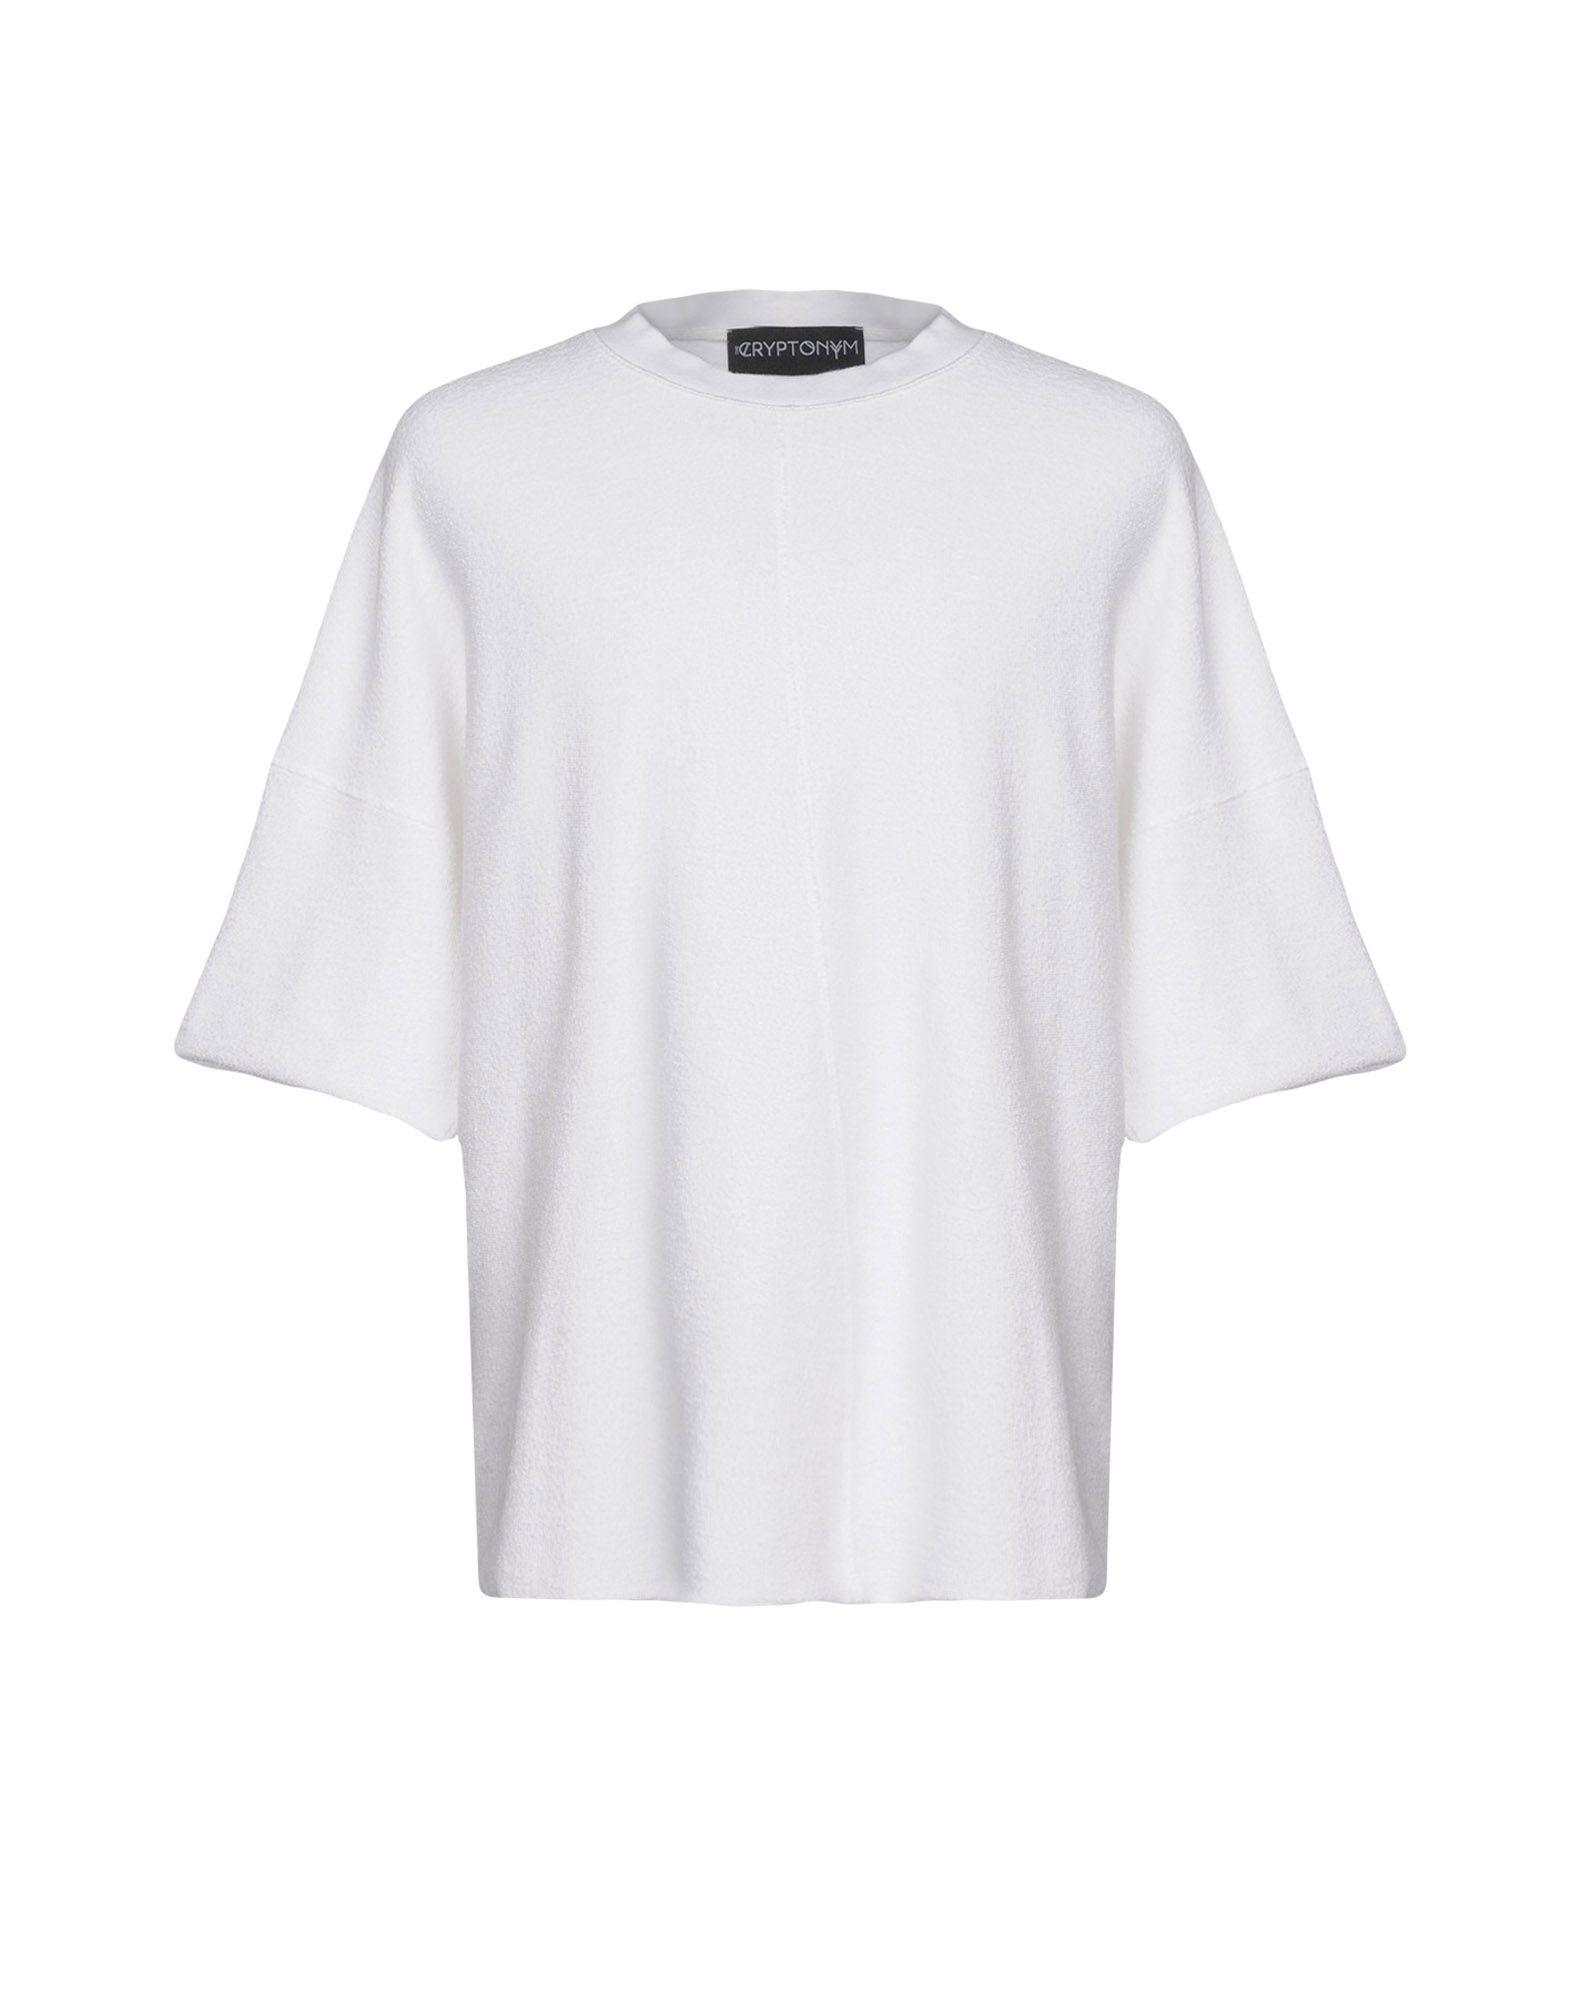 《送料無料》THE CRYPTONYM メンズ スウェットシャツ ホワイト M コットン 100%